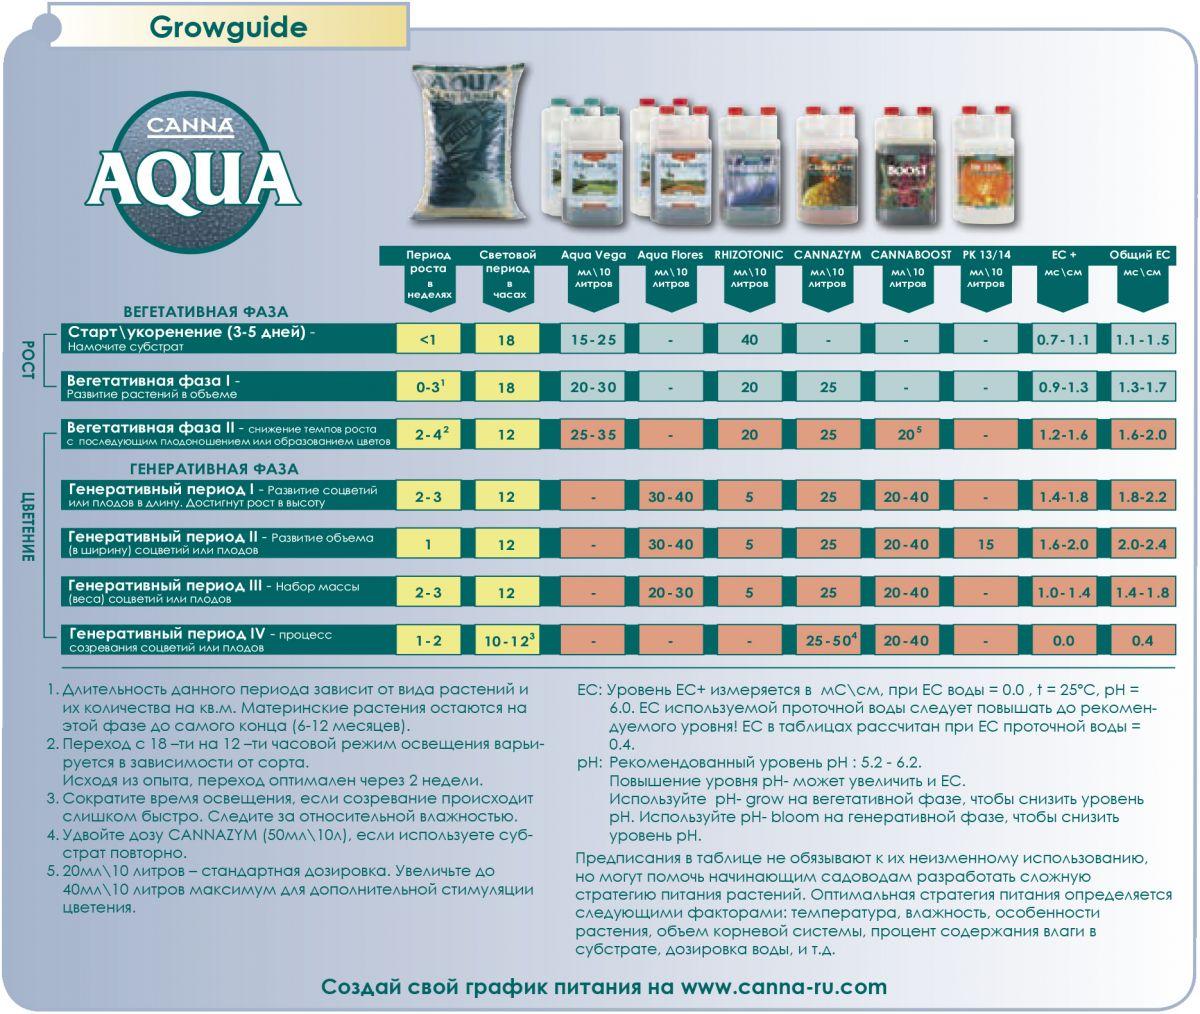 Схема кормления CANNA AQUA. Удобрения для замкнутых систем